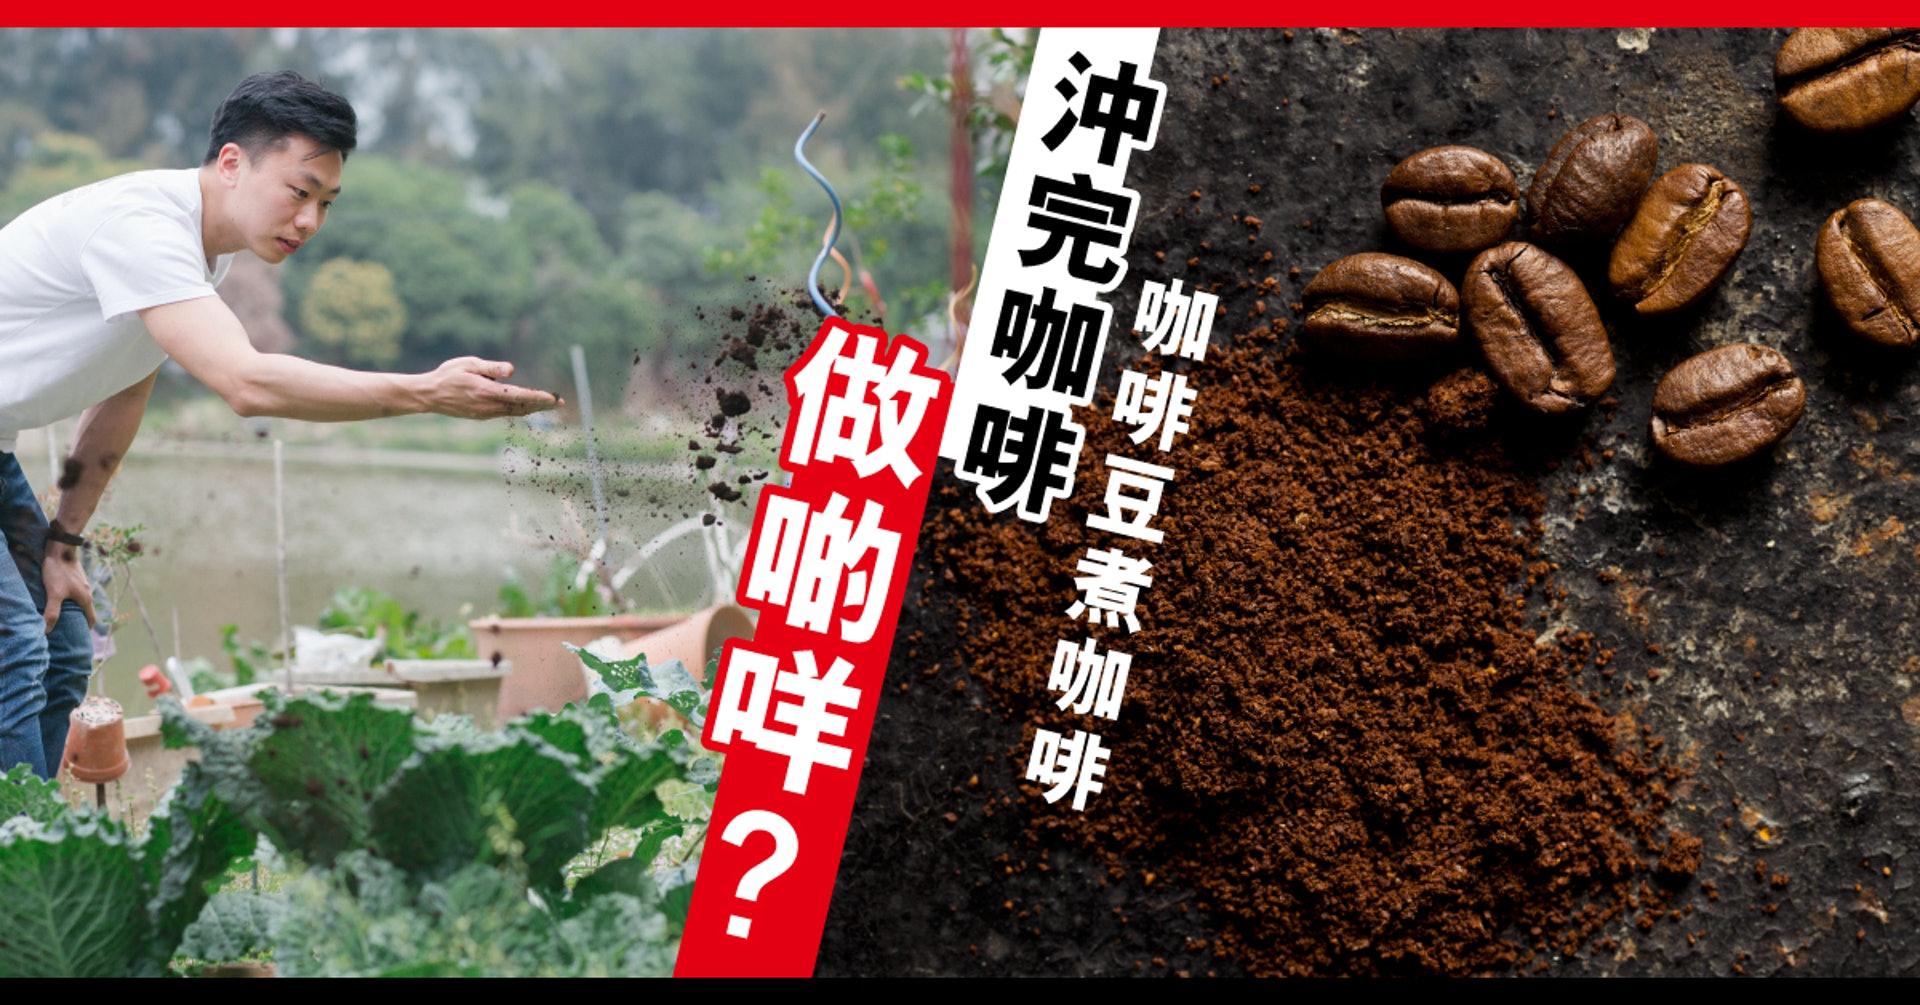 綠行俠發起全城咖啡渣回收計劃,將咖啡渣發酵成肥料免費送贈本地有機農場。